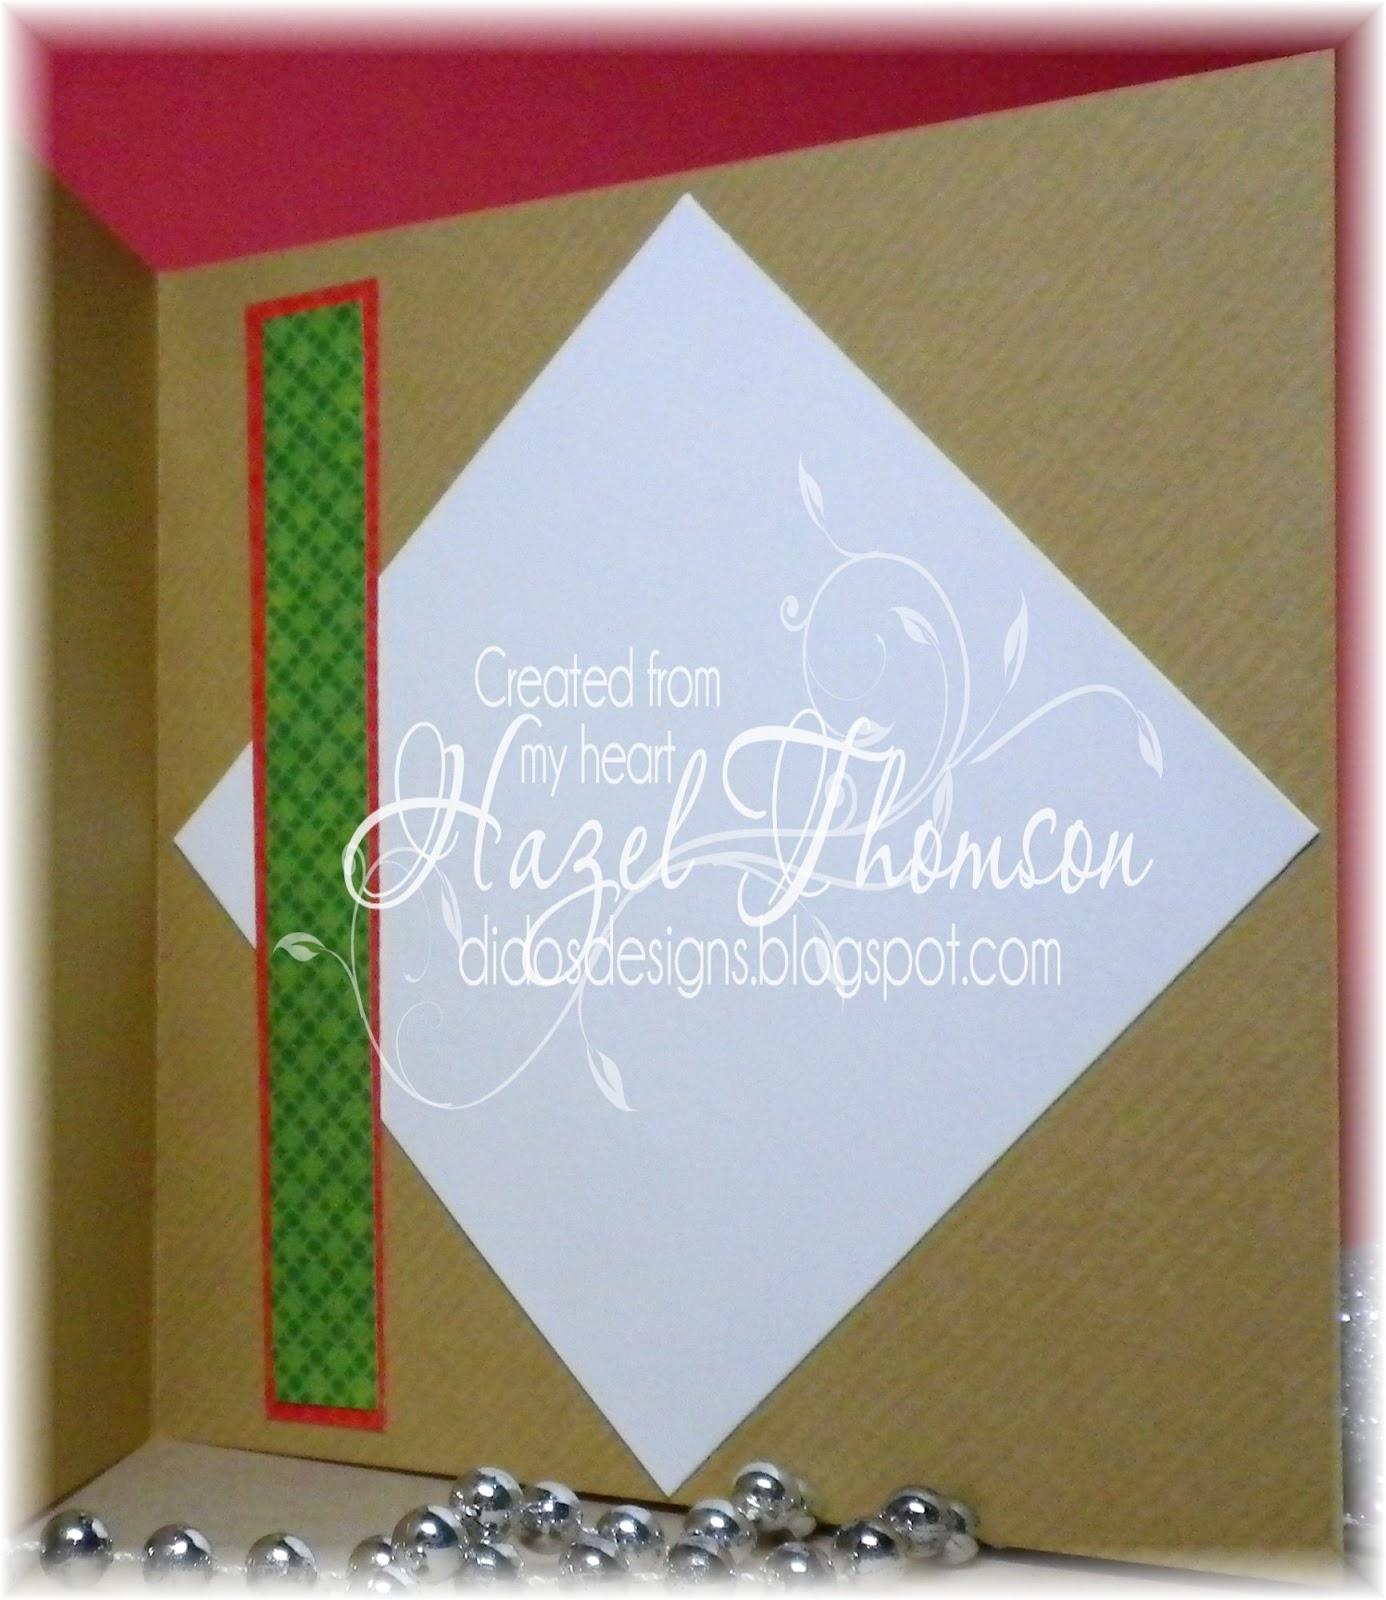 http://2.bp.blogspot.com/-lyFHZg5GqTk/UJF-N4jPlEI/AAAAAAAAJgY/7S4Epg4wItg/s1600/Cards+By+Dido\'s+Designs+004.JPG